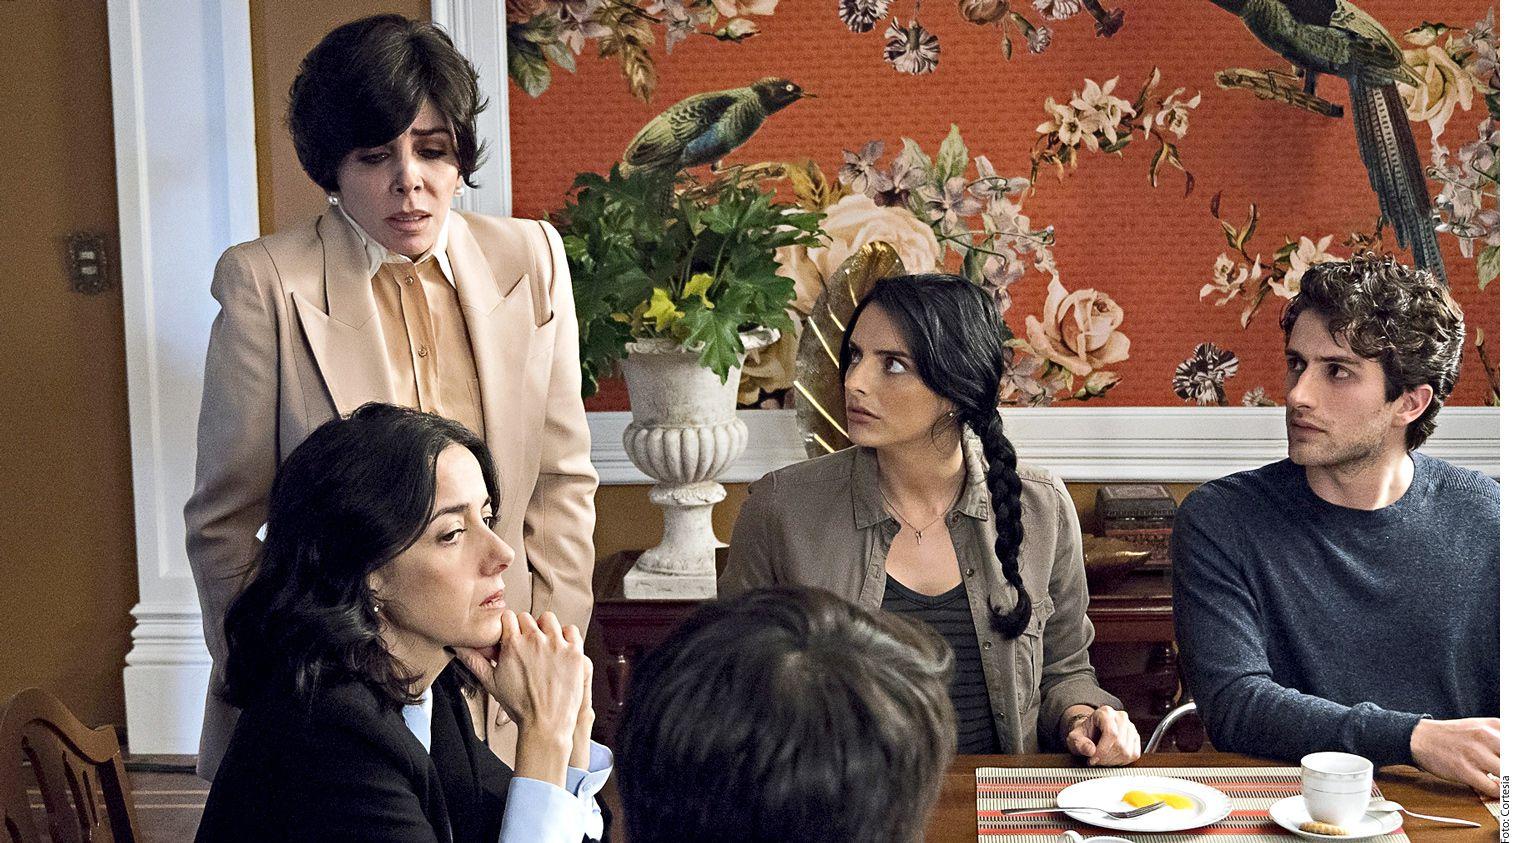 """Creada por Manolo Caro, la historia de """"La Casa de las Flores"""" se desenvuelve en la florería de los De la Mora, que aparentan ser la idílica familia de sociedad./ AGENCIA REFORMA"""